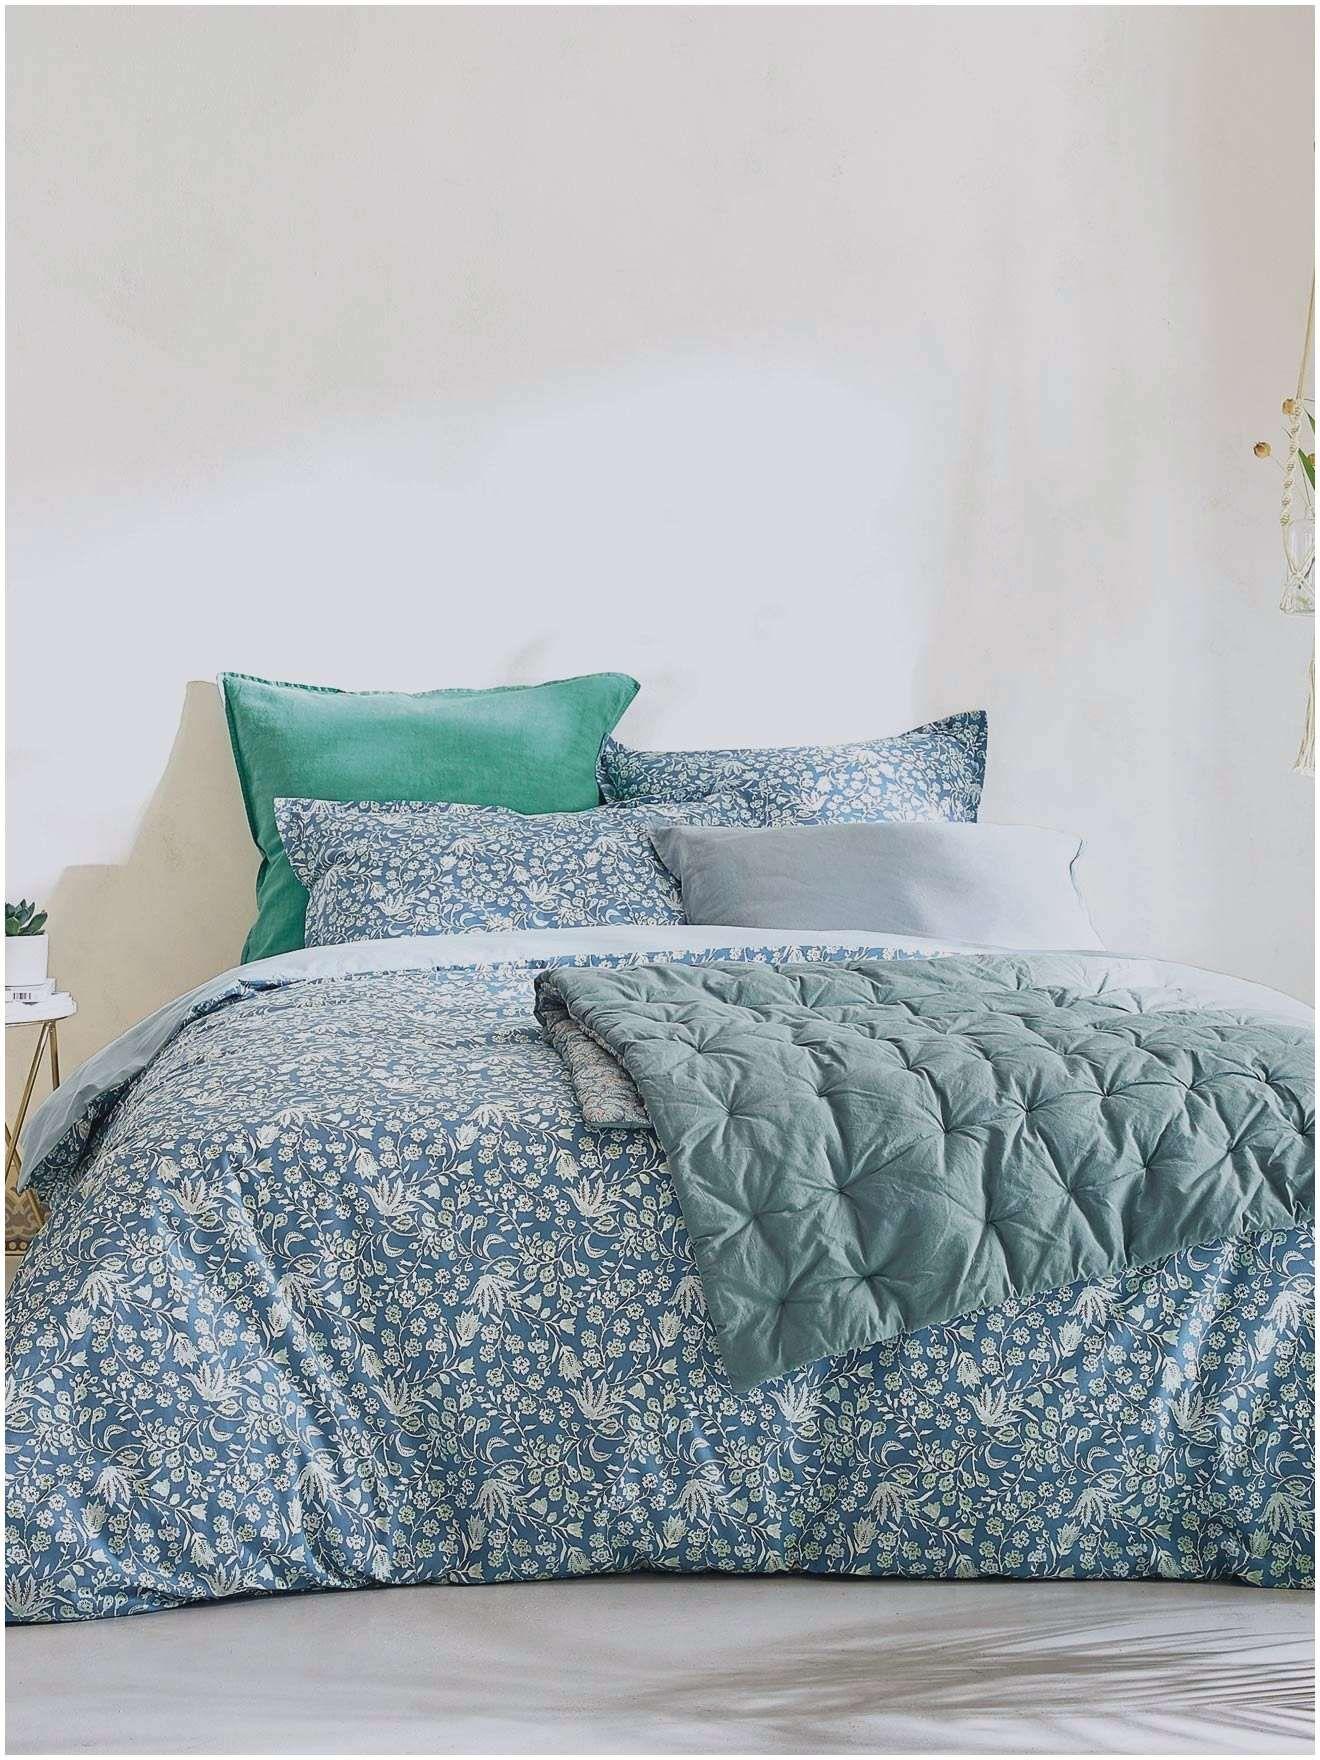 Parure De Couette 240x260 Parure De Couette 240x260 Parure Housse De Couette Coquelicot Linge De Maison Bonjour La Parure Housse In 2019 Comforters Bed Blanket